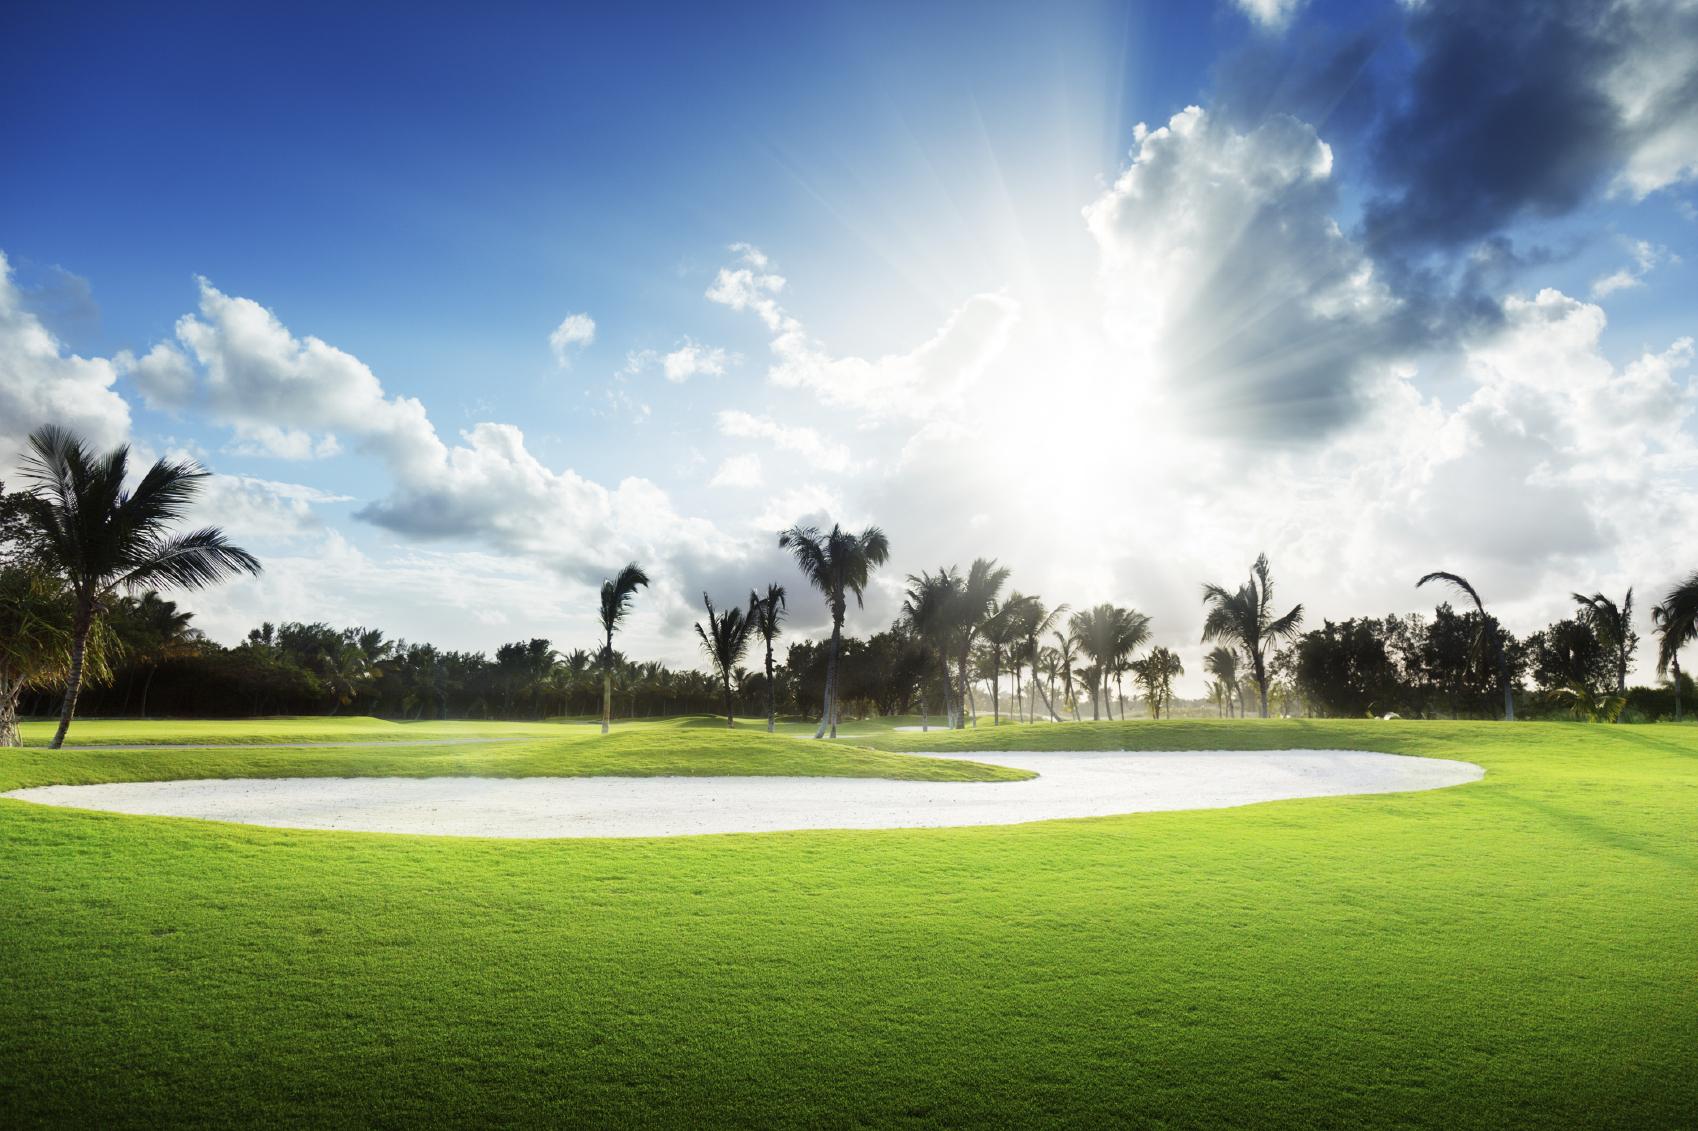 Golf Course in Myrtle Beach, SC